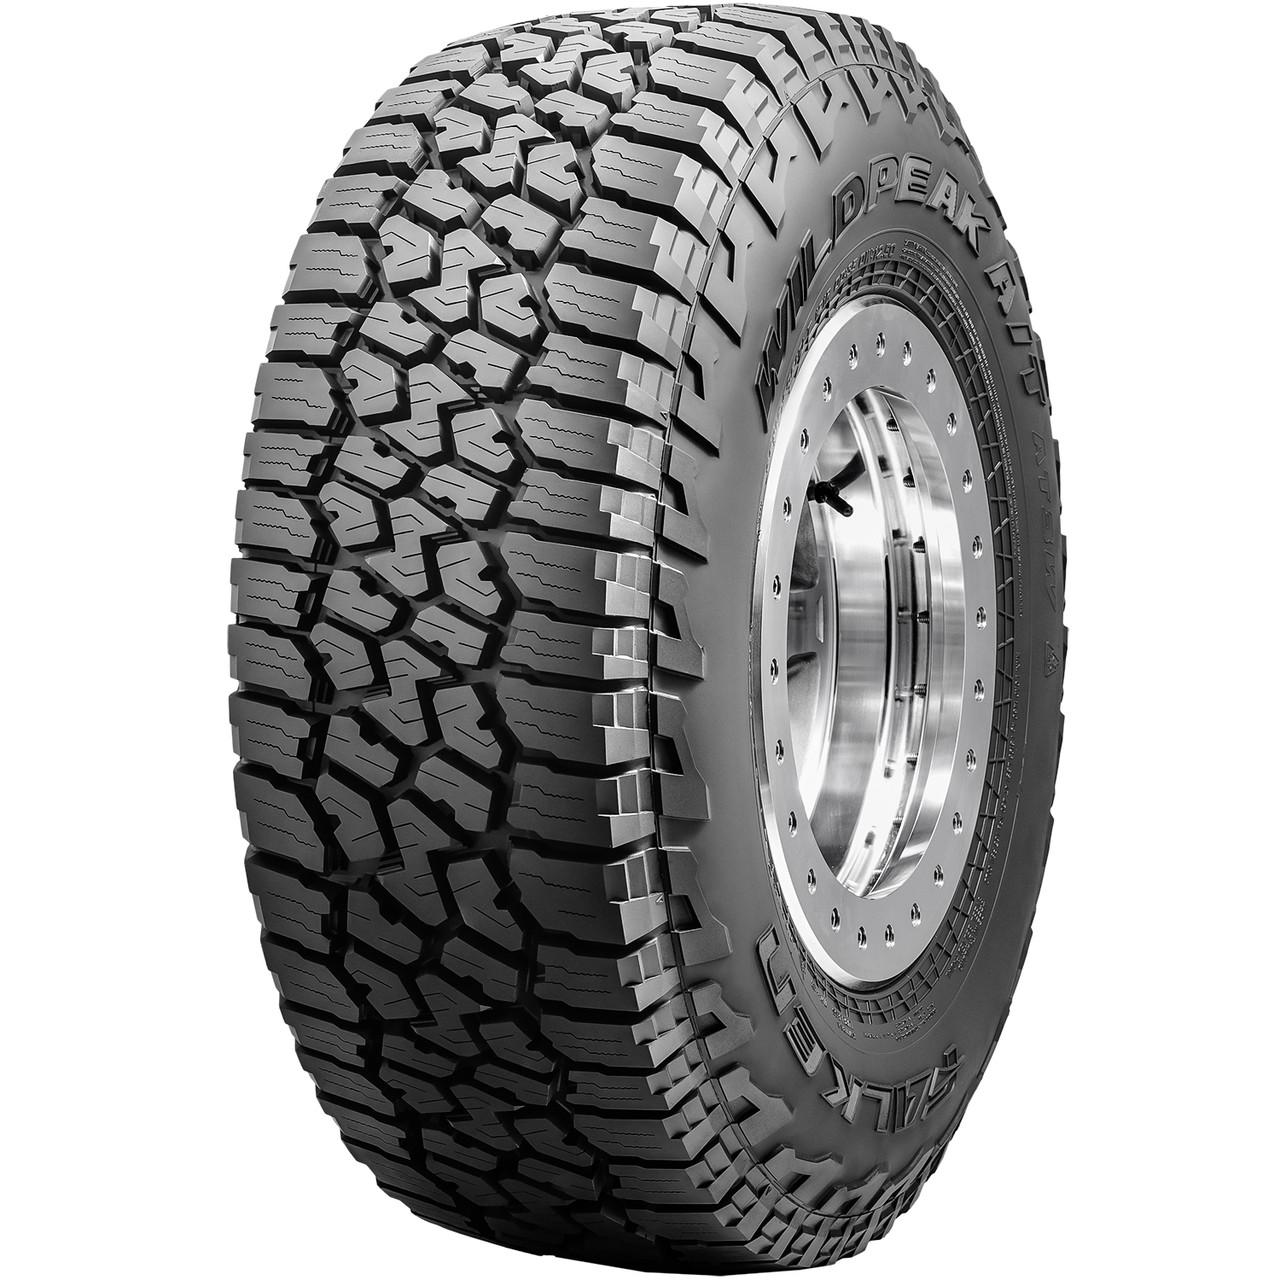 PriorityTire.com coupon: Falken Wildpeak A/T3W 305/70R16 E (10 Ply) All Terrain Tire